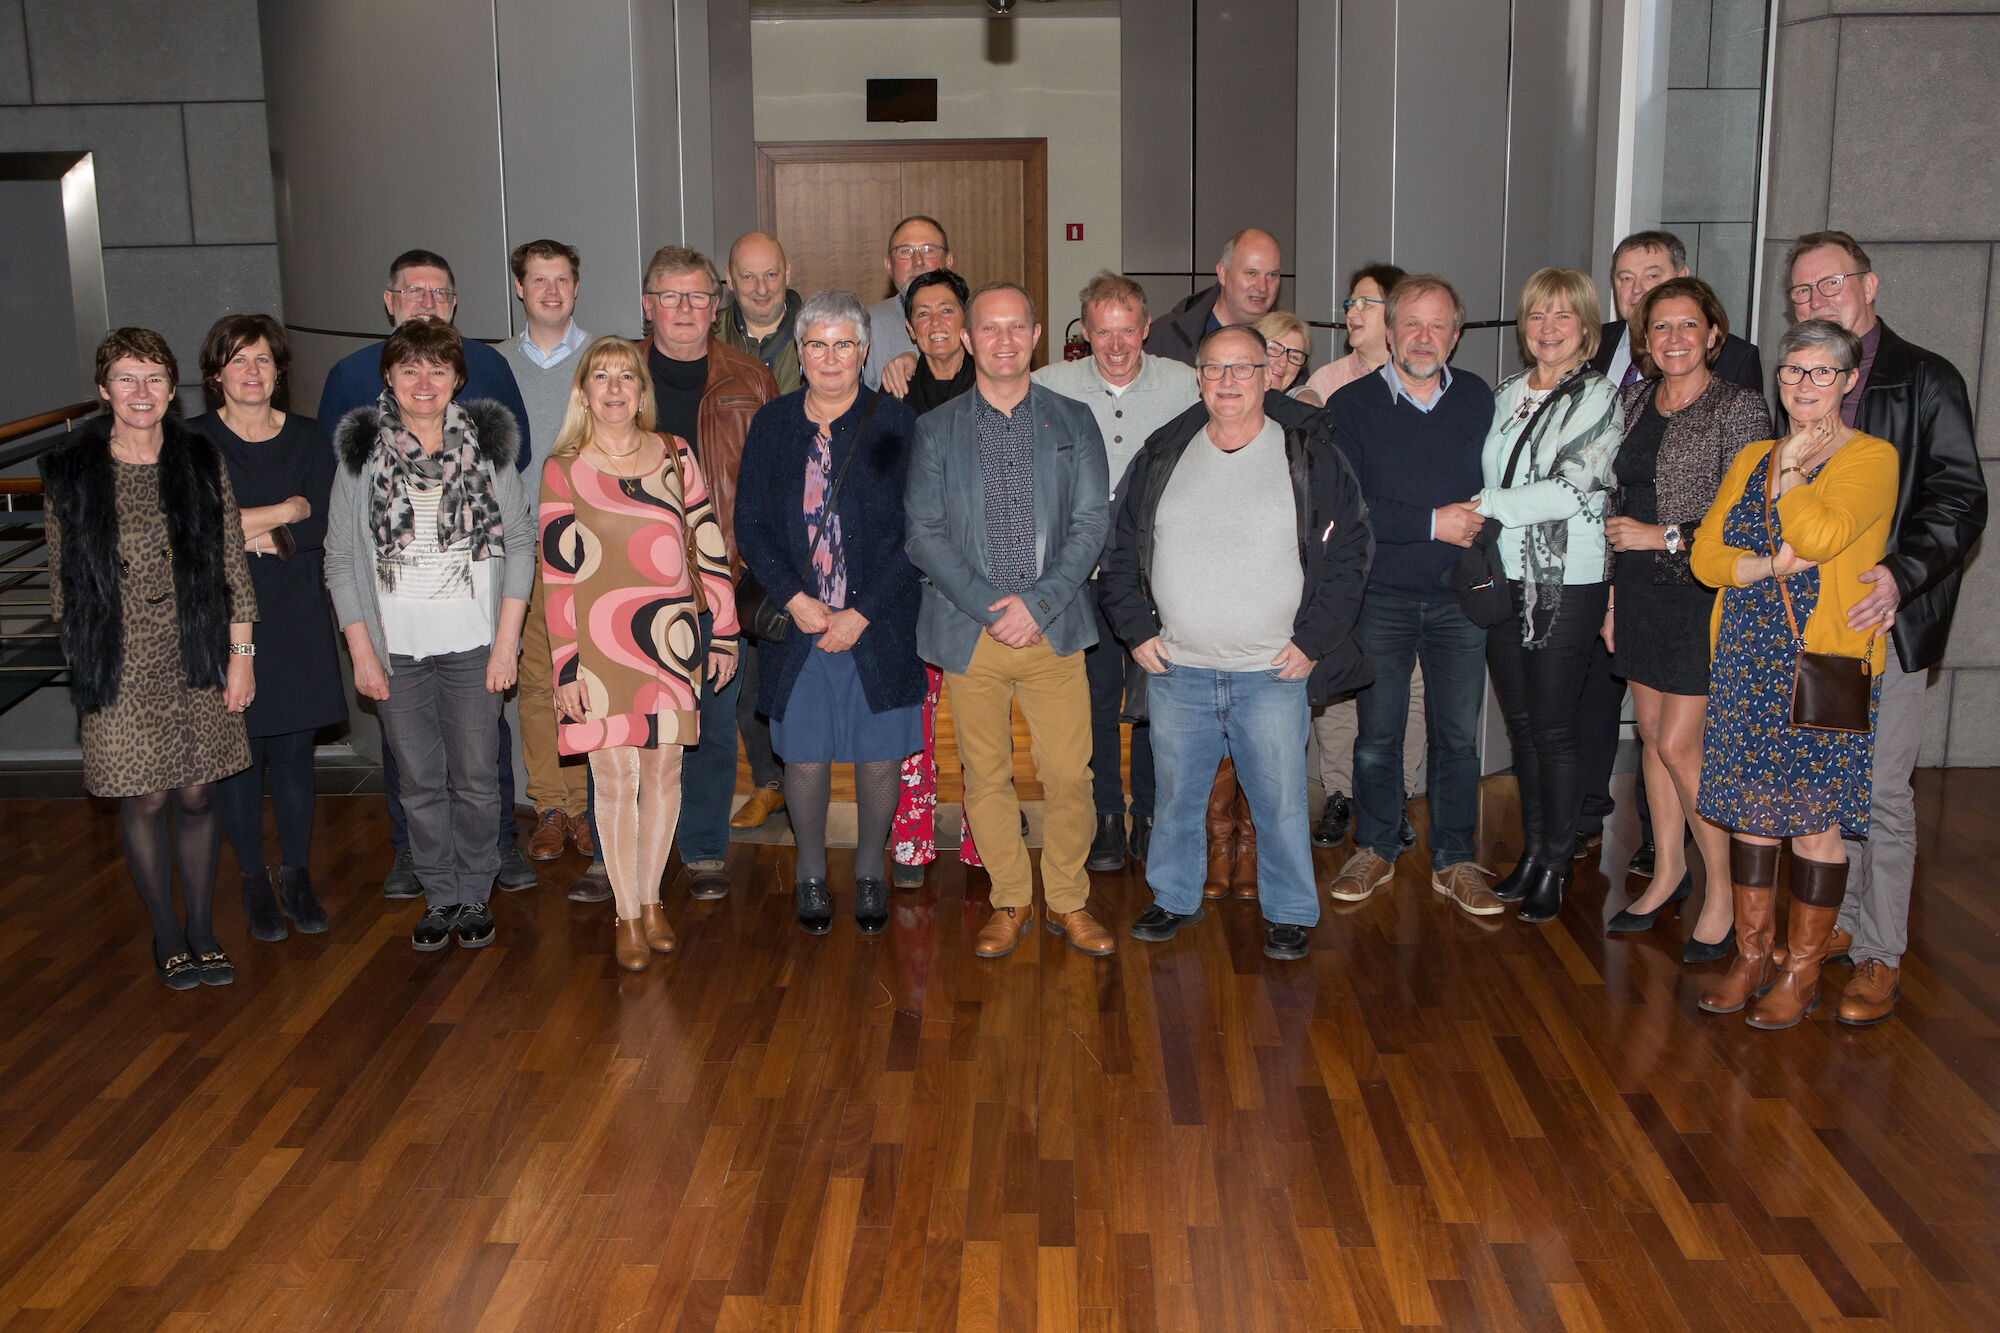 Afscheidsviering oprustgestelde personeelsleden 2019